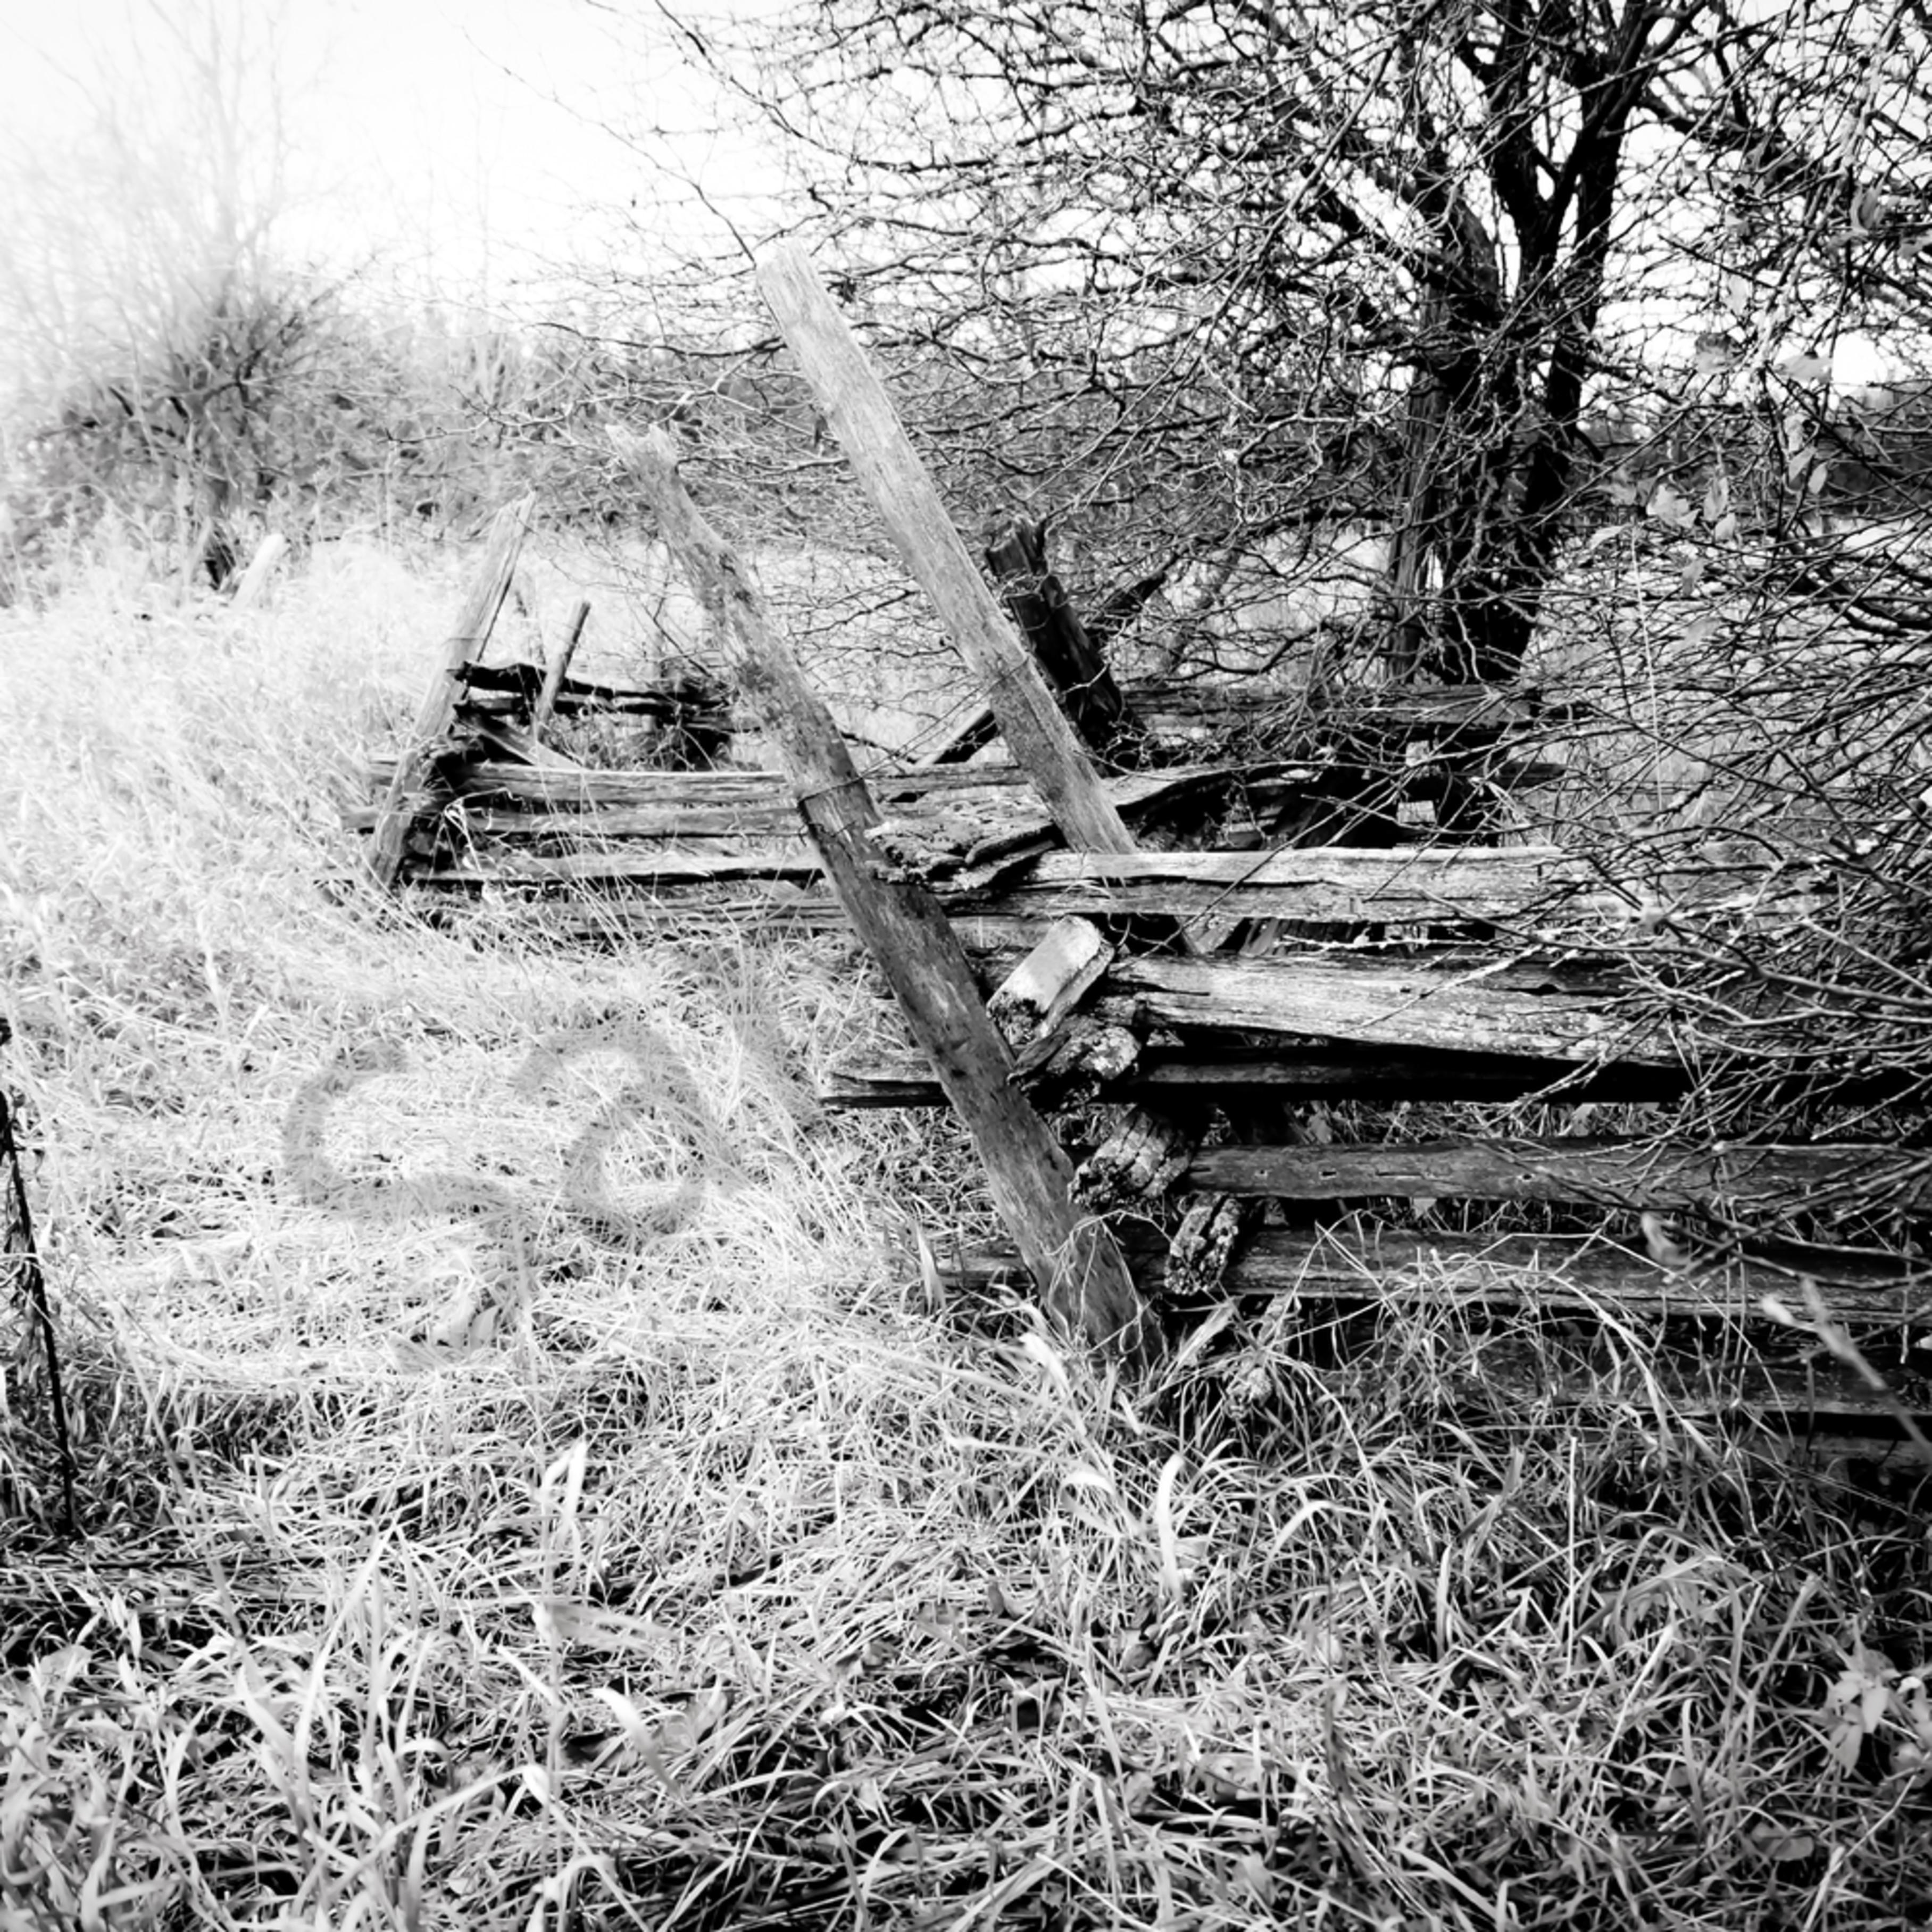 Farmer s fence grfkh4